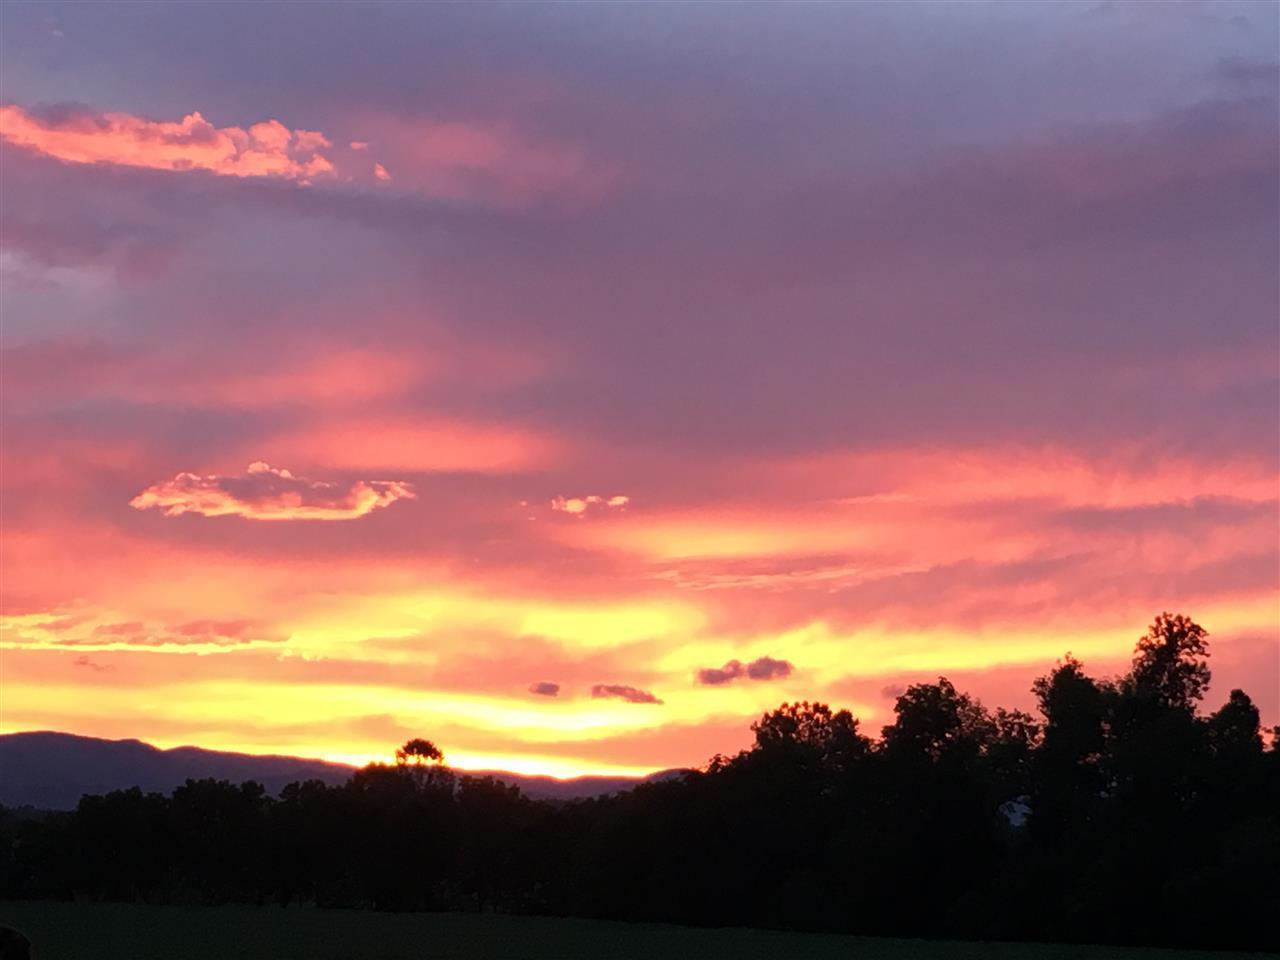 Sunset view from Bluestone Vineyard in Bridgewater, VA